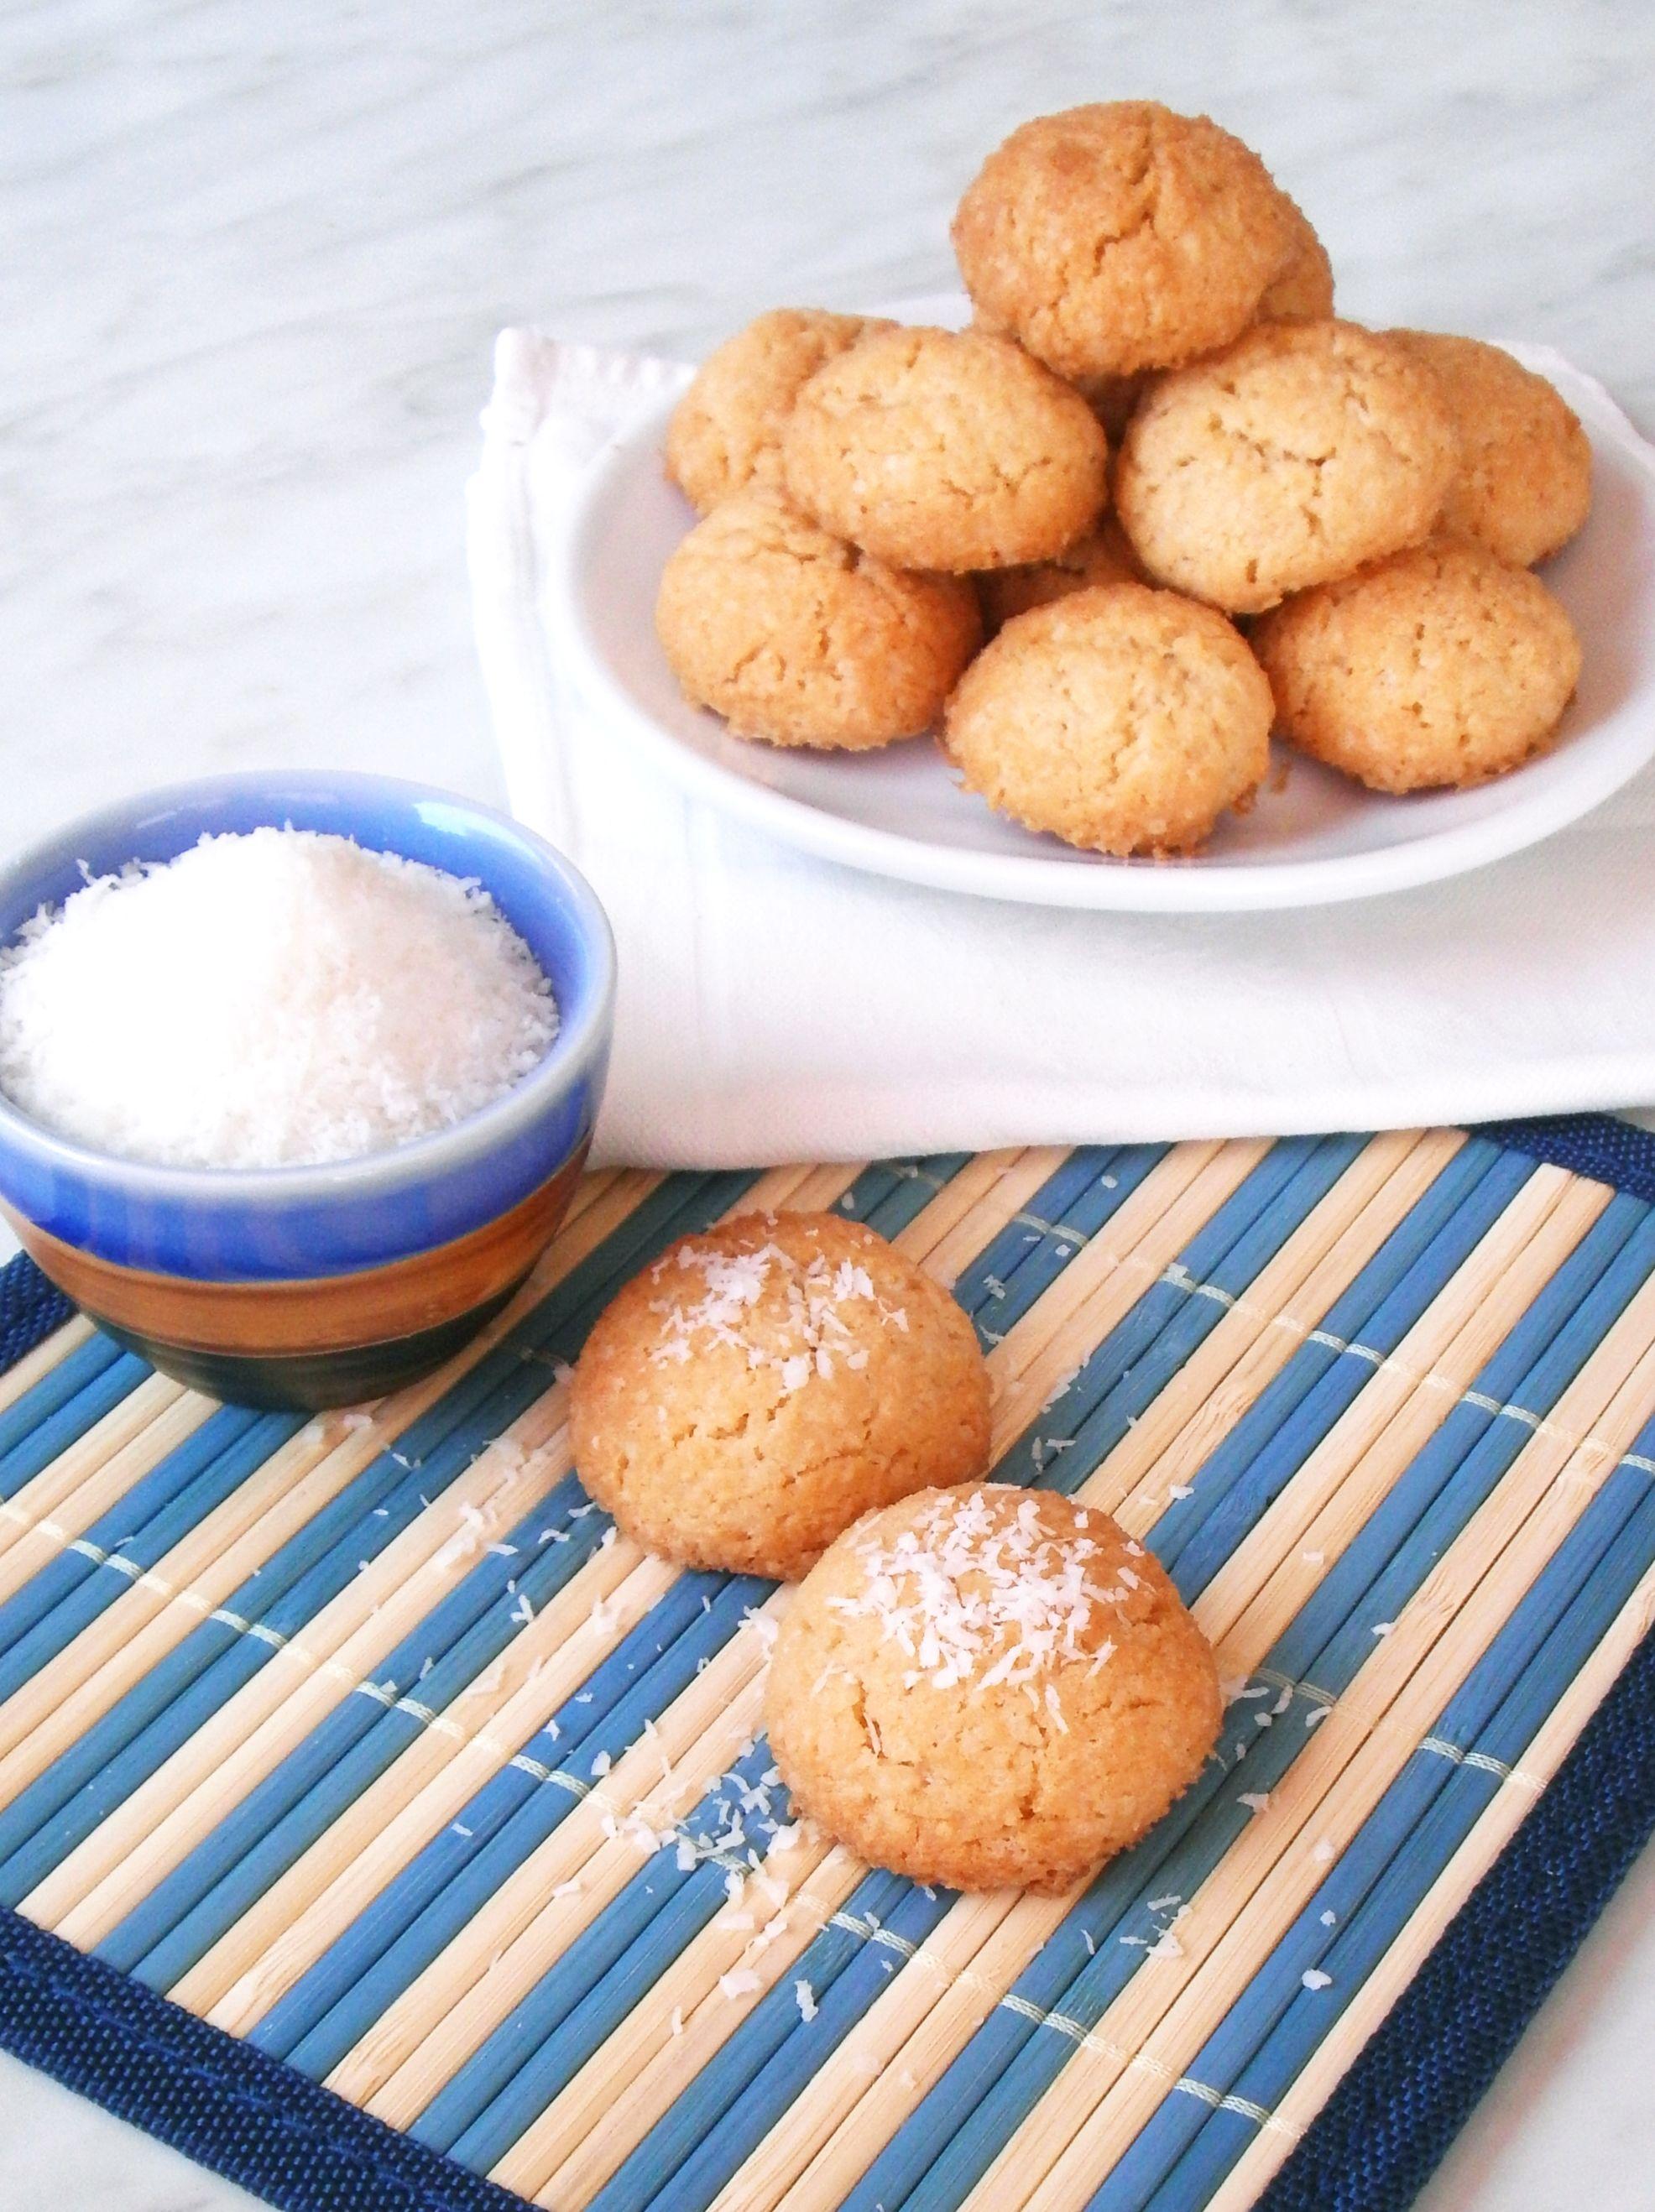 Dolcetti al cocco / Coconut biscuits